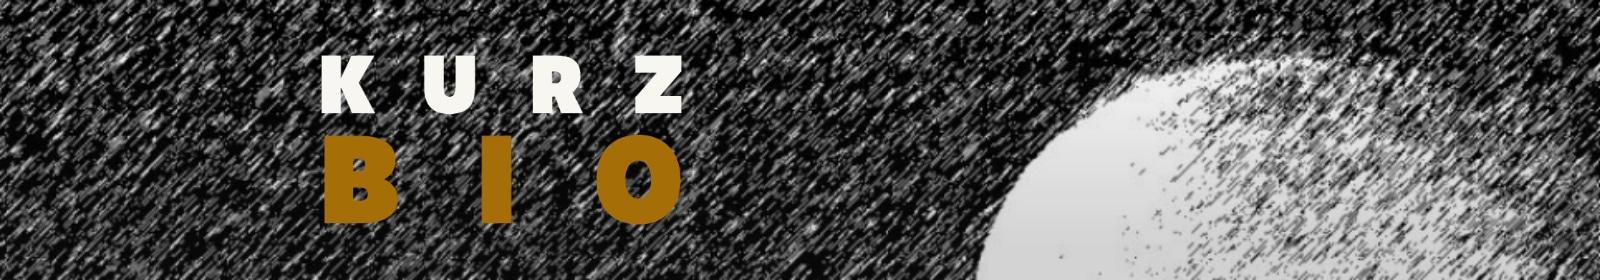 21 Million Lights –Persönlichkeit, welche sich zu dem Thema Corona, Pandemie und Covid-19 äußerte.